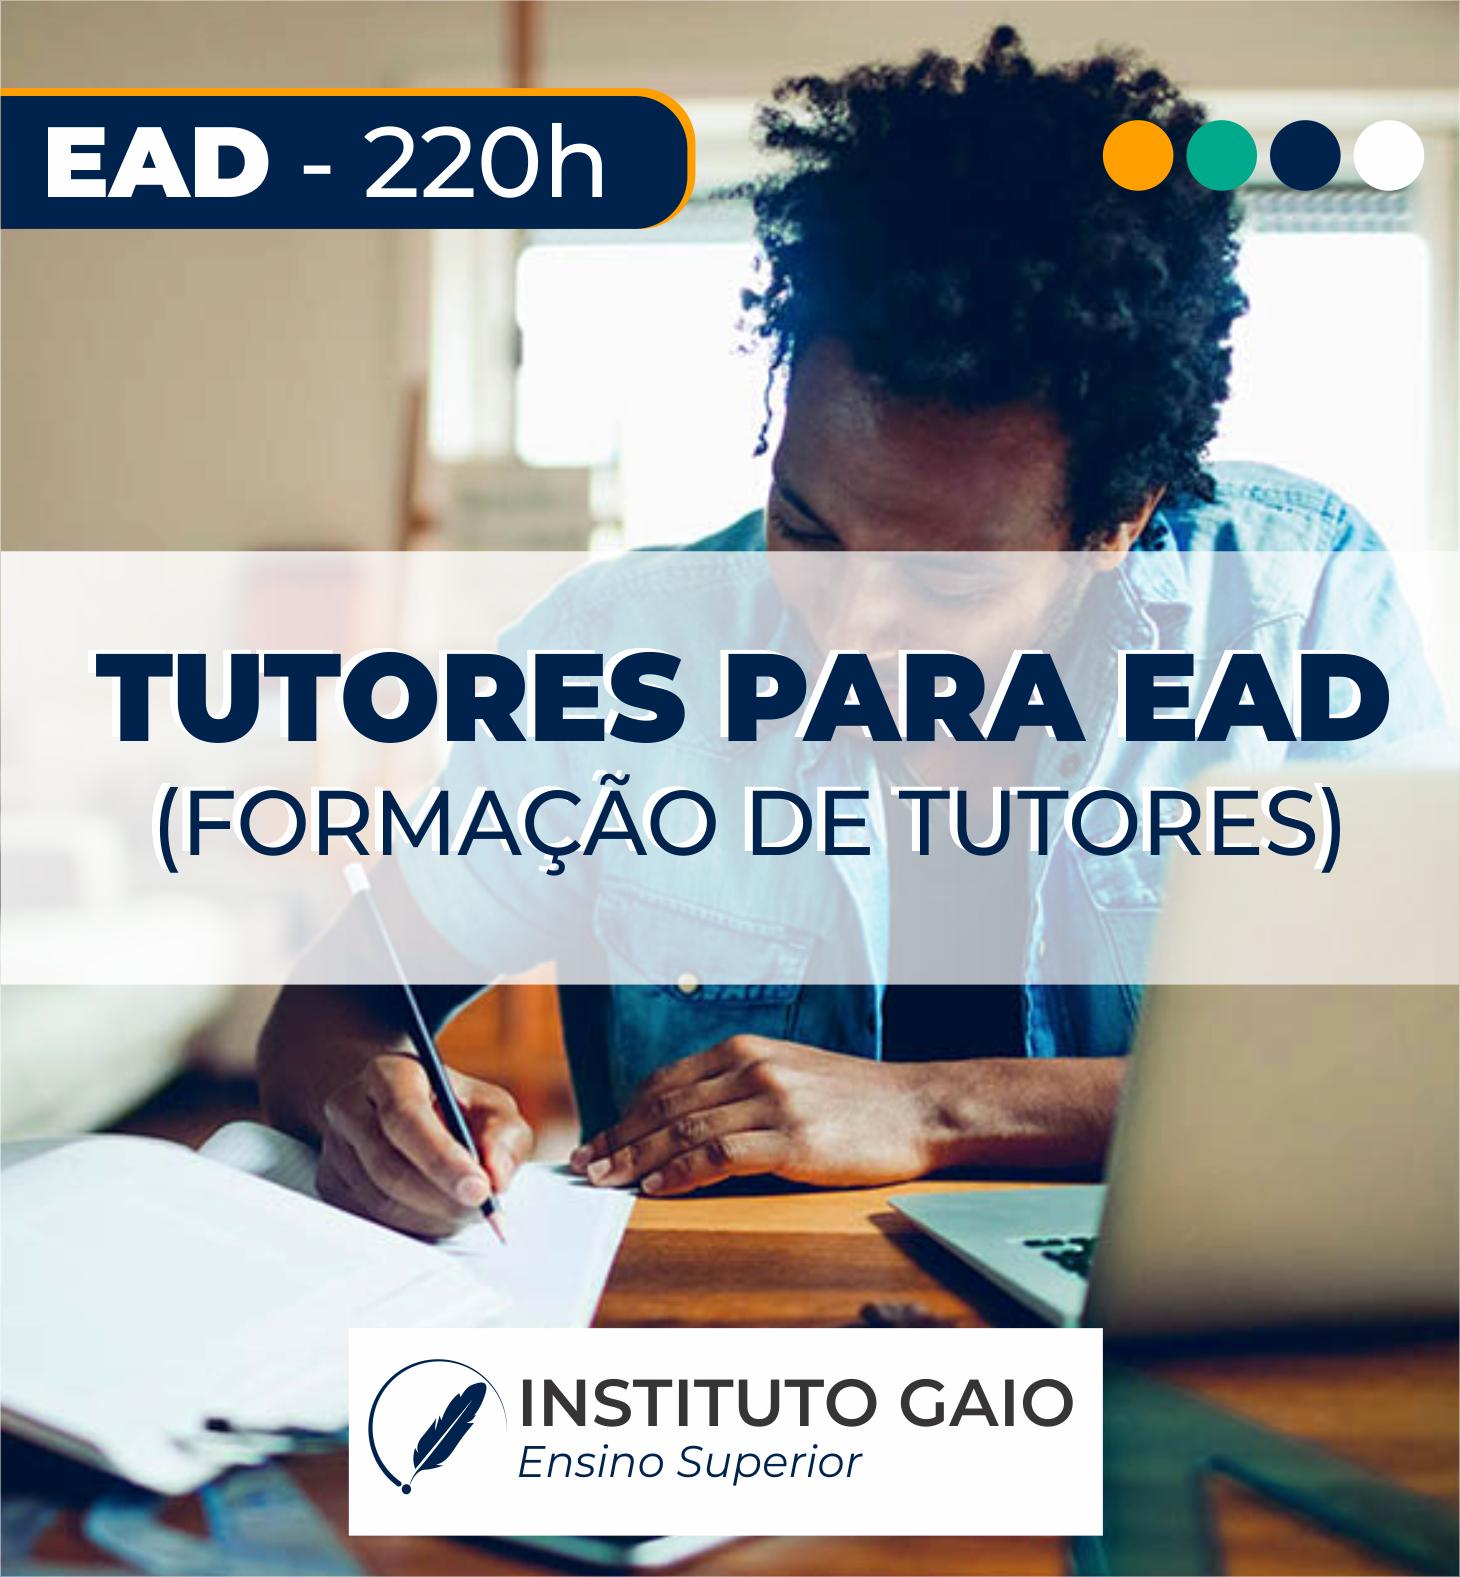 FORMAÇÃO DE PROFESSORES E TUTORES (AS) PARA EDUCAÇÃO A DISTÂNCIA – 220h – EAD